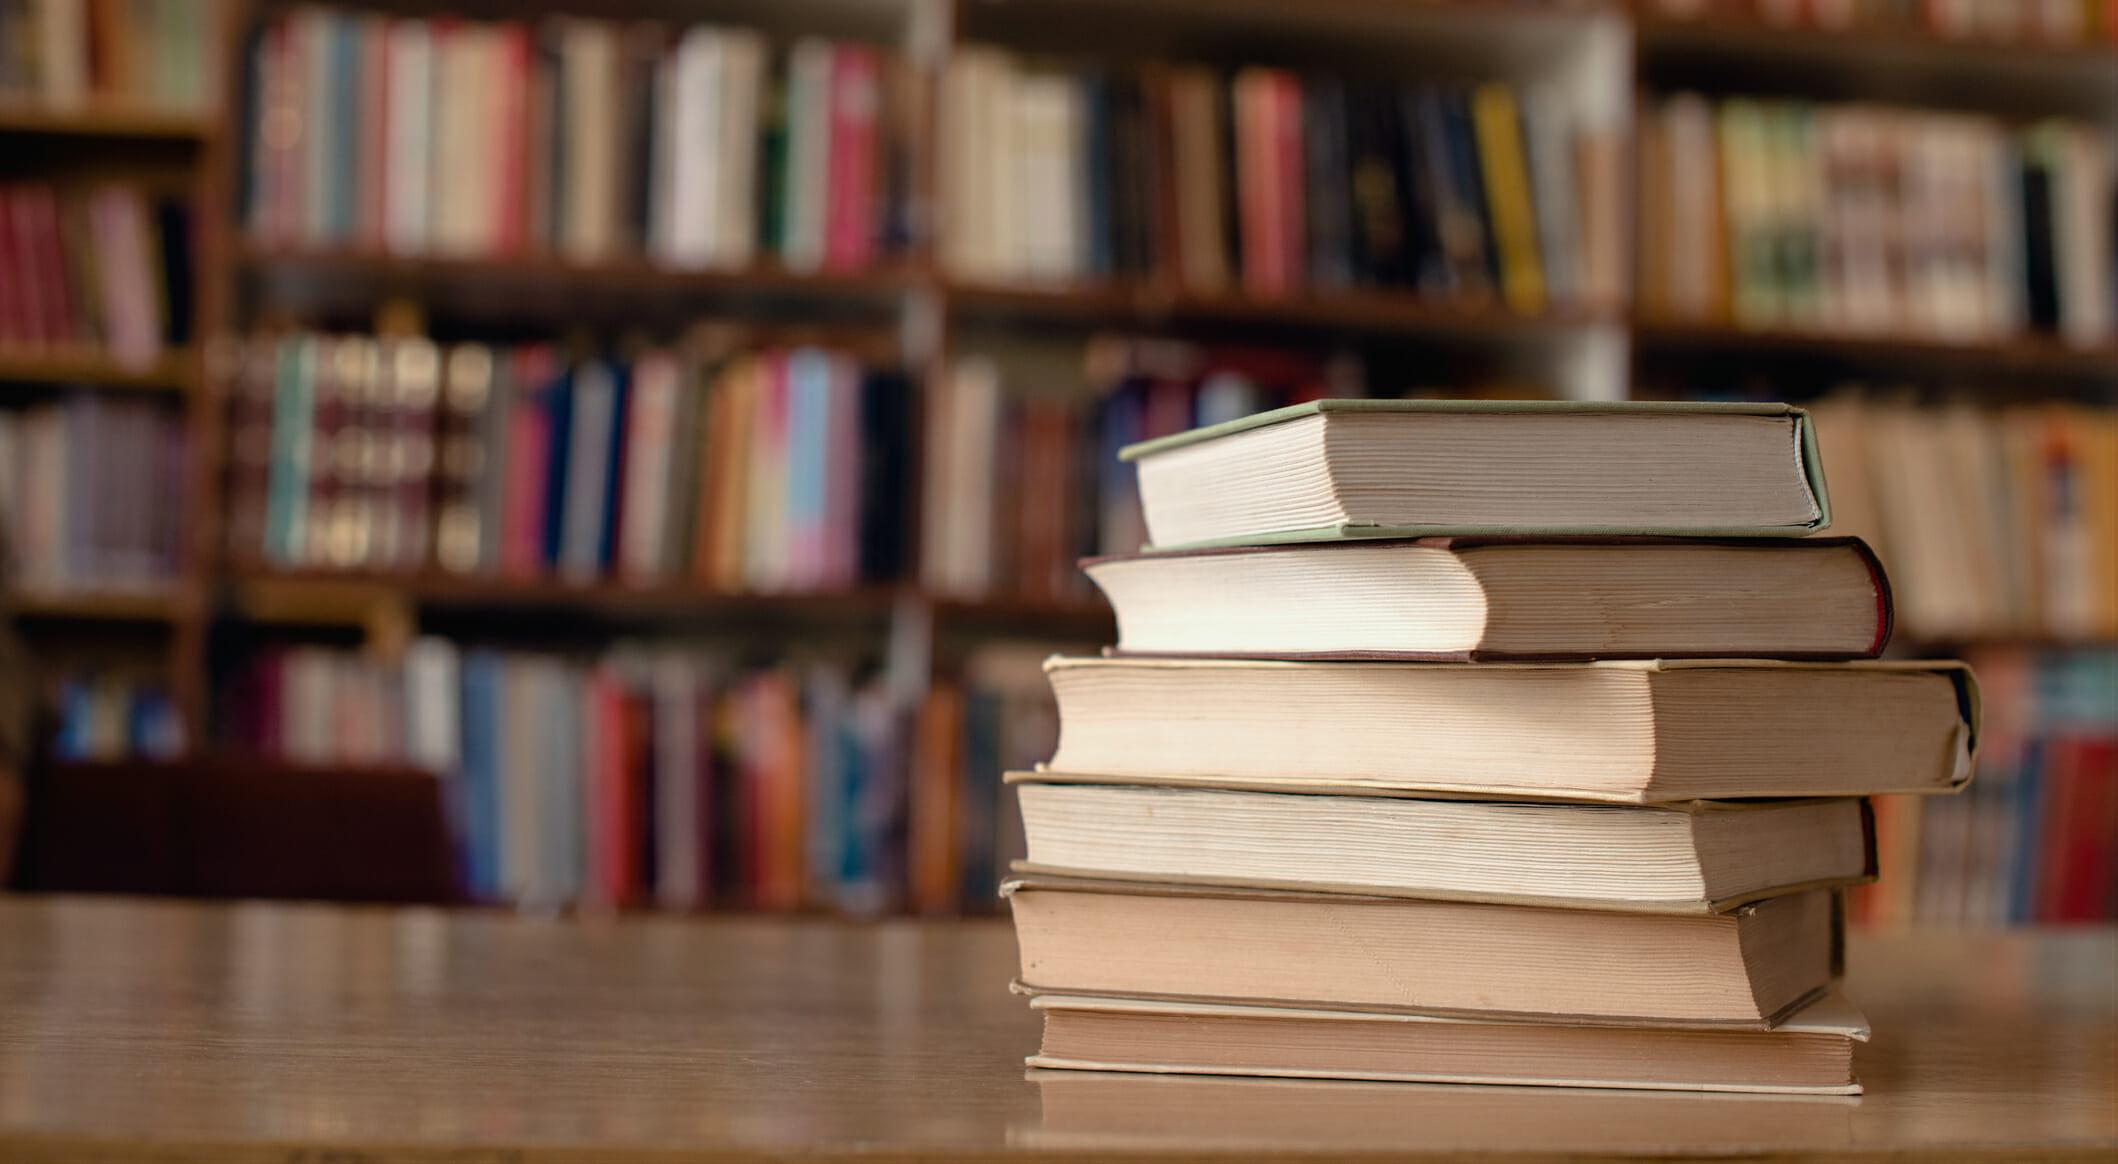 Dall'intelligenza artificiale al riscaldamento globale: ecco cosa raccontano alcuni tra i libri più venduti del momento nel mondo